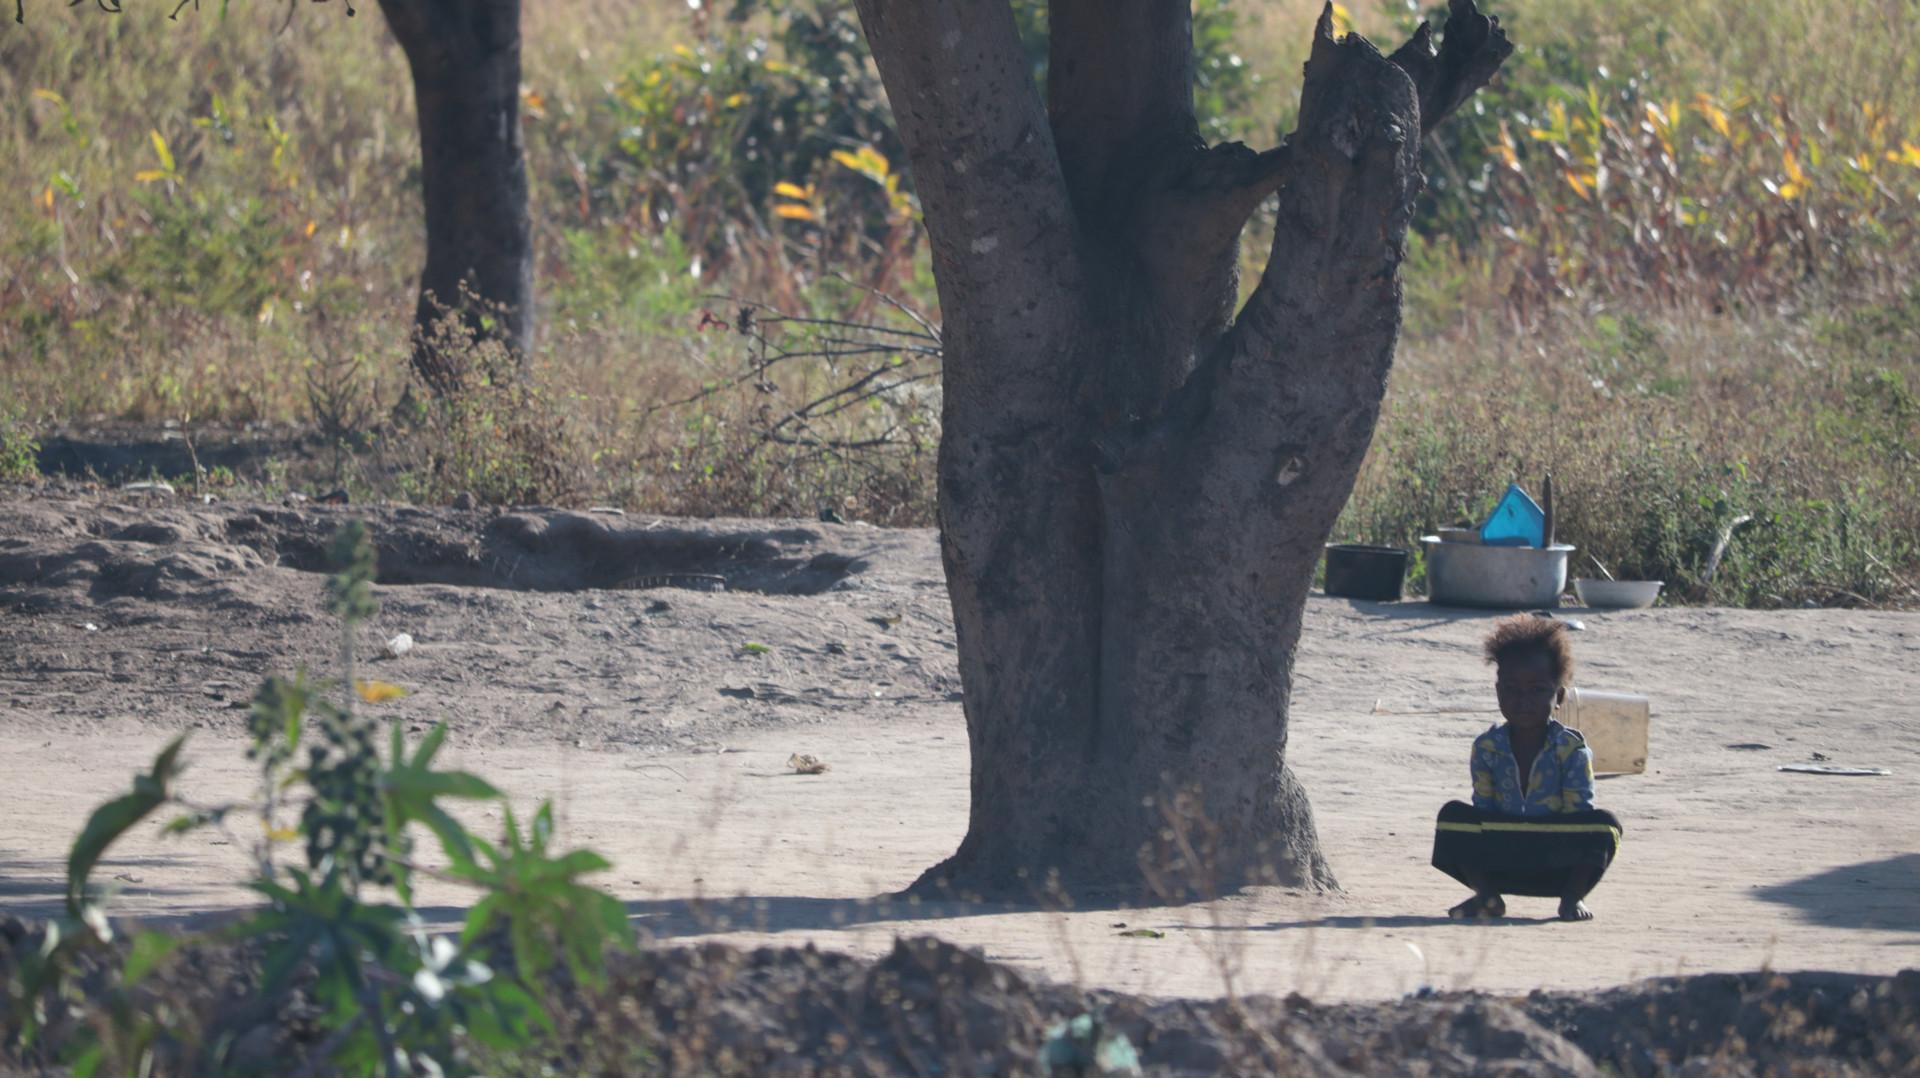 Kid under tree beside the road